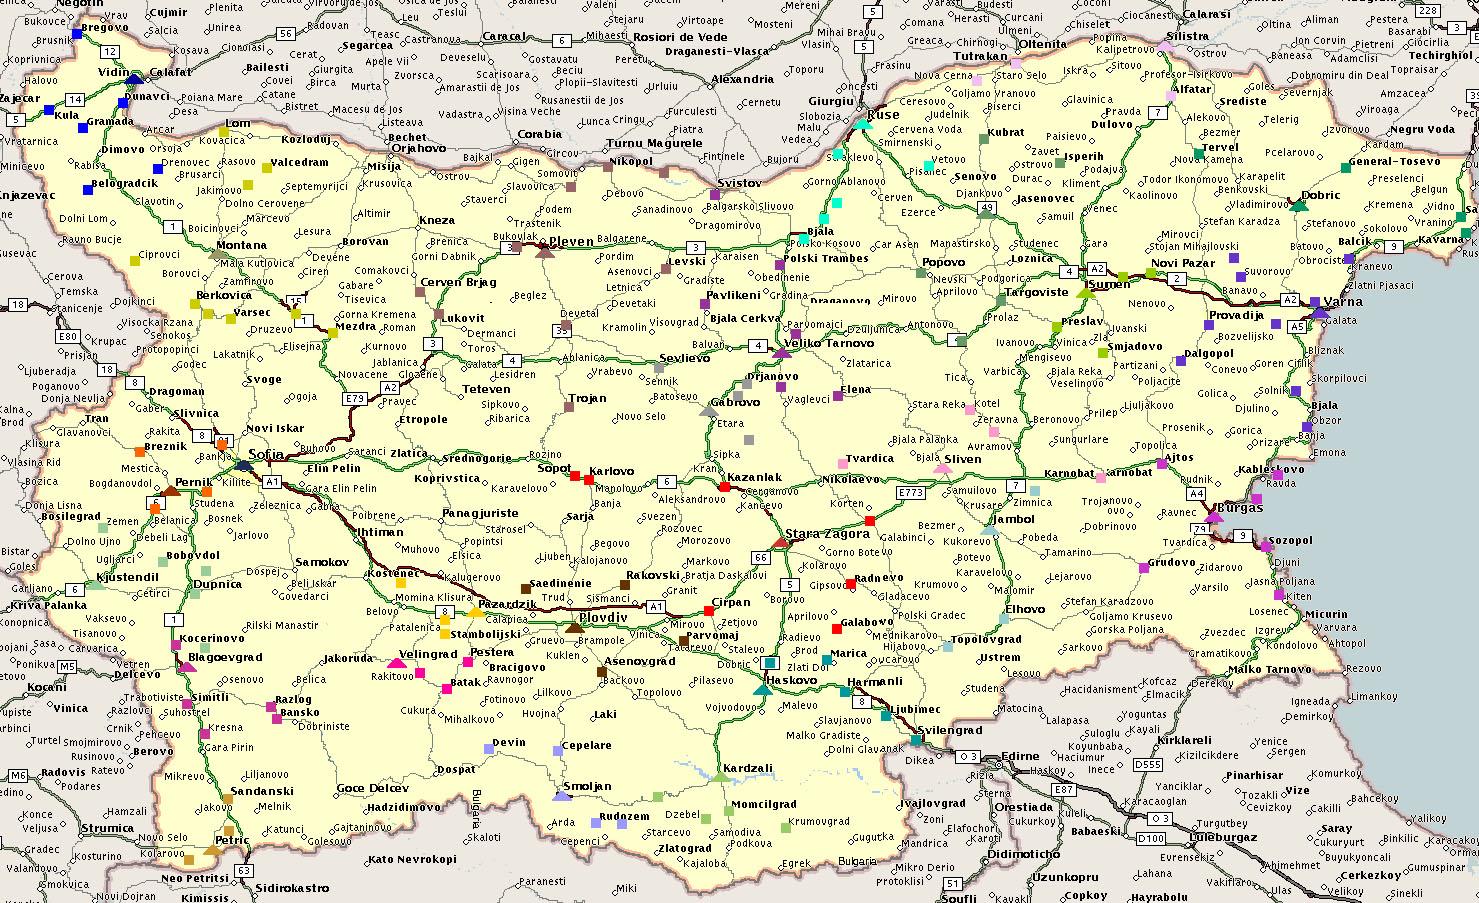 Bulgária   Mapas Geográficos da Bulgária